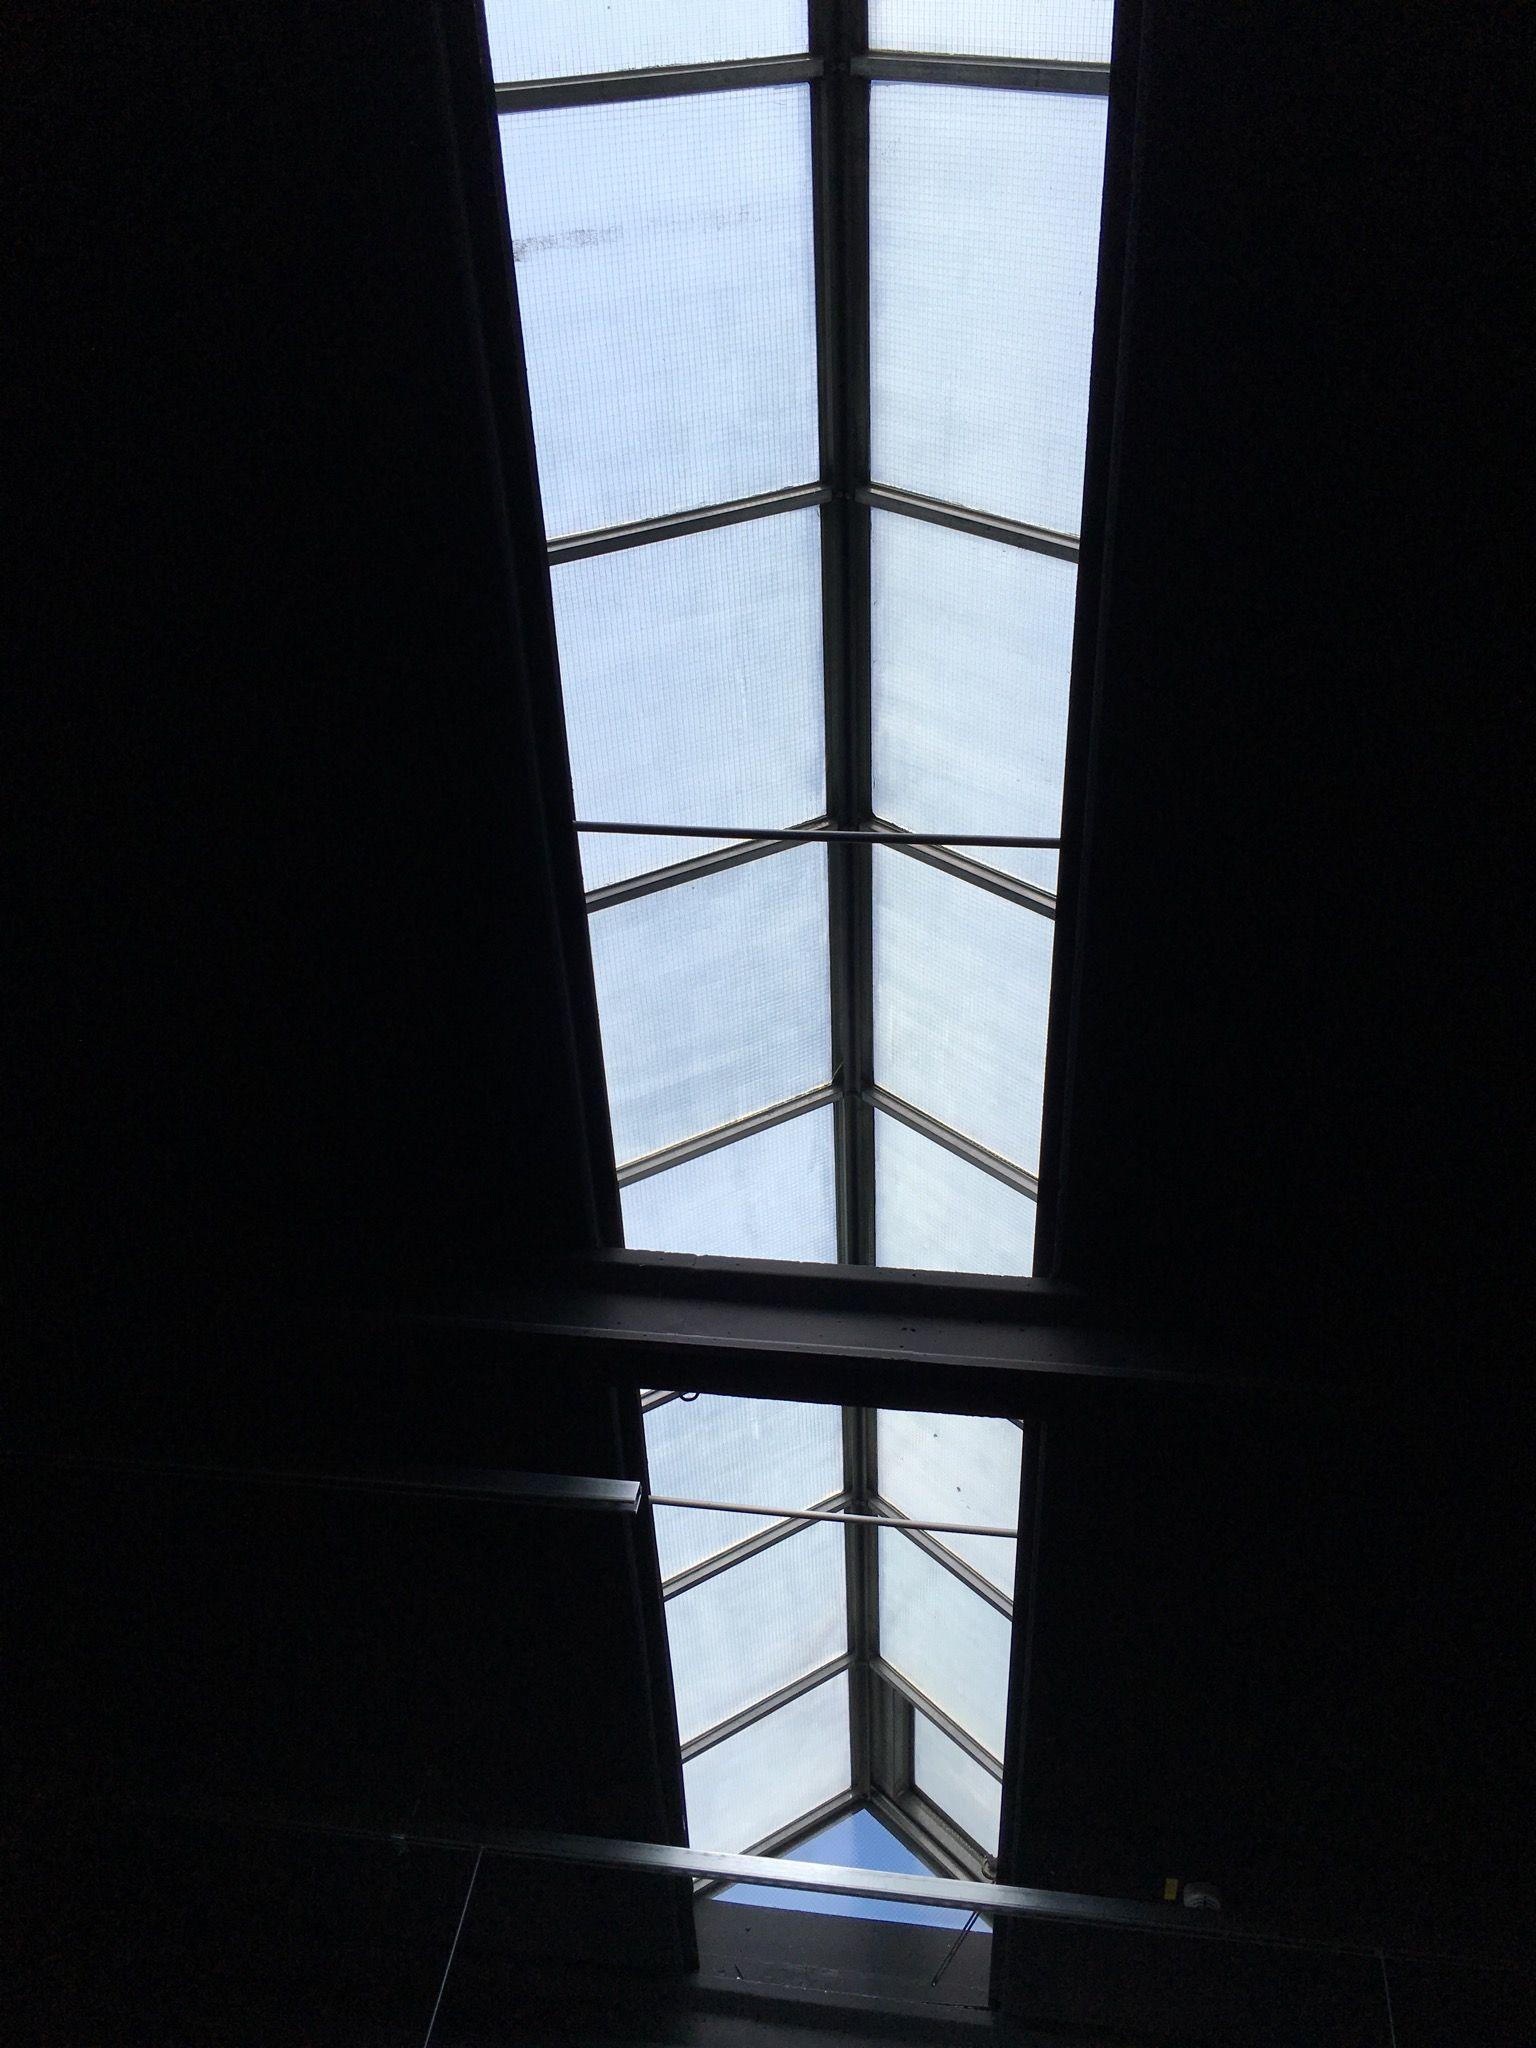 Fenster innenansicht  Sonnenschutz für Drahtglas Fenster Innenansicht | PROTECFOLIEN ...